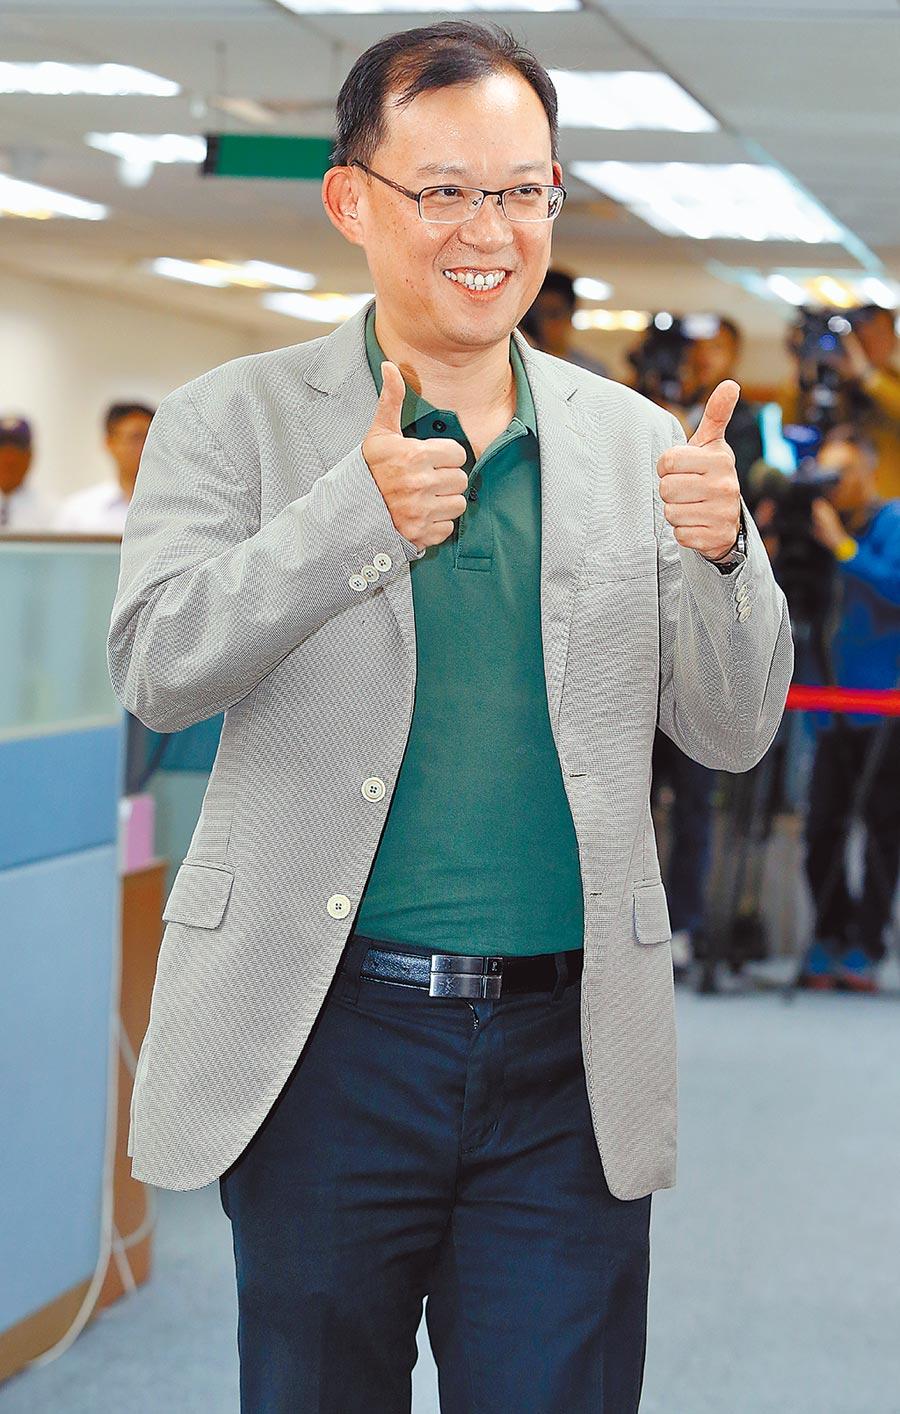 中興大學國際政治研究所教授陳牧民,確定將出任駐印度公使。(本報資料照片)